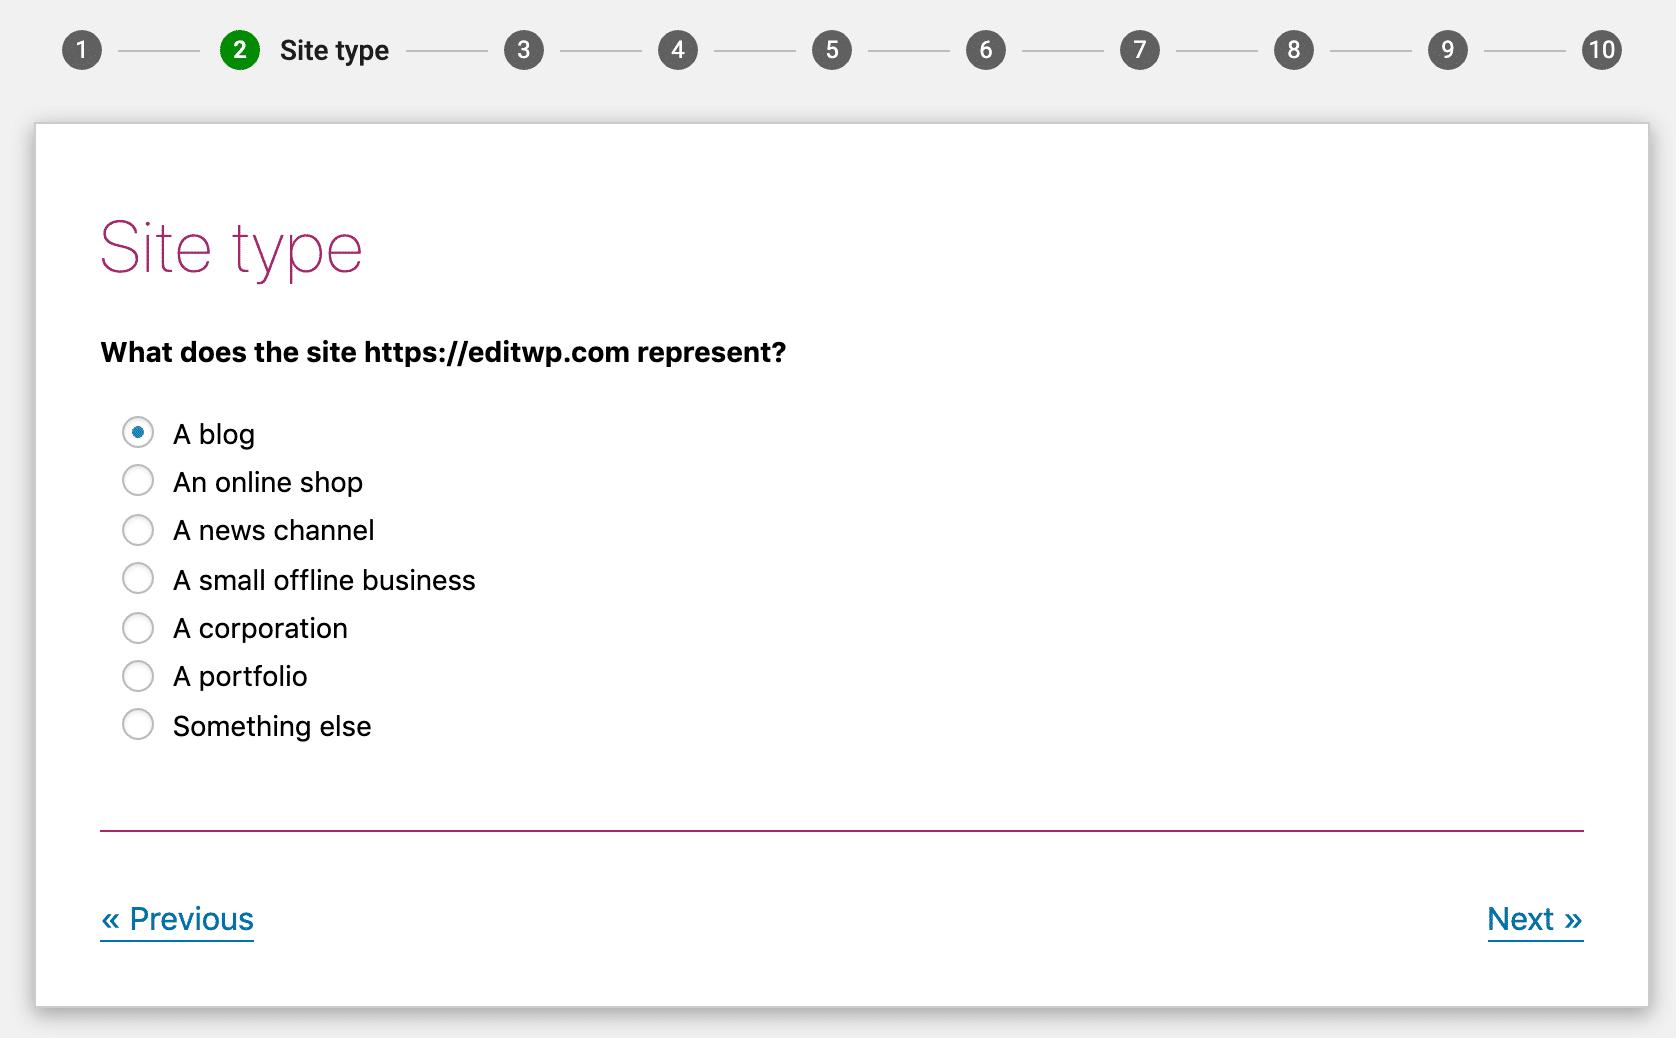 Välj det alternativ som bäst passar din webbplats